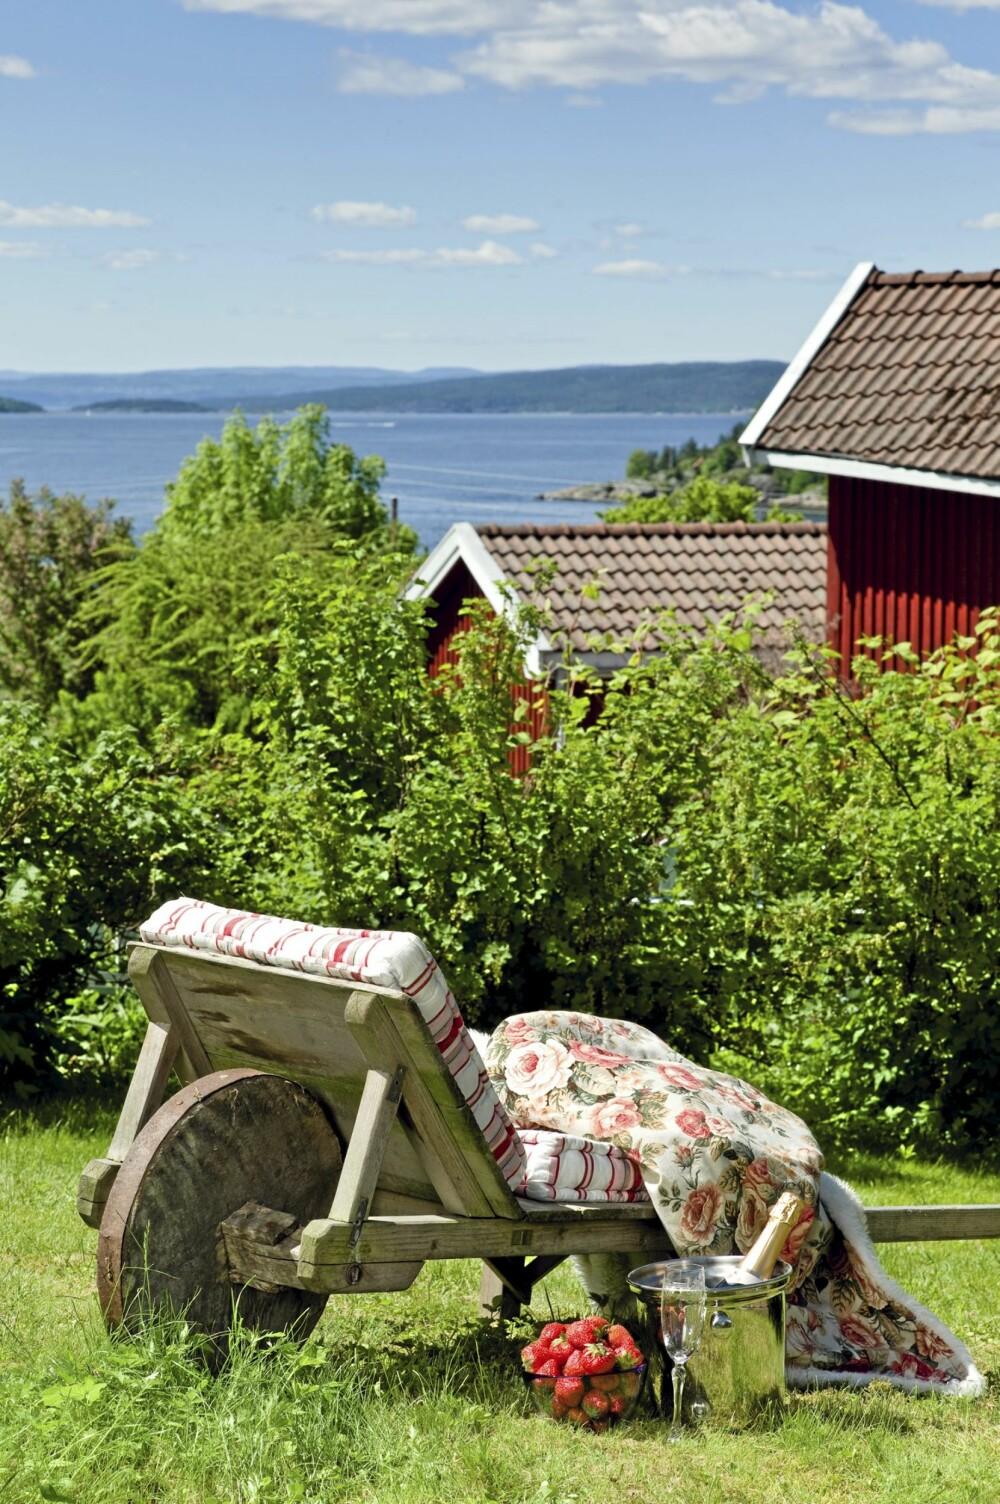 SOLBÅREN SJARM: Trillebåren fant interiørdesigneren under uthuset. Nå gjør den nytte som idyllisk hvileplass nederst i hagen.